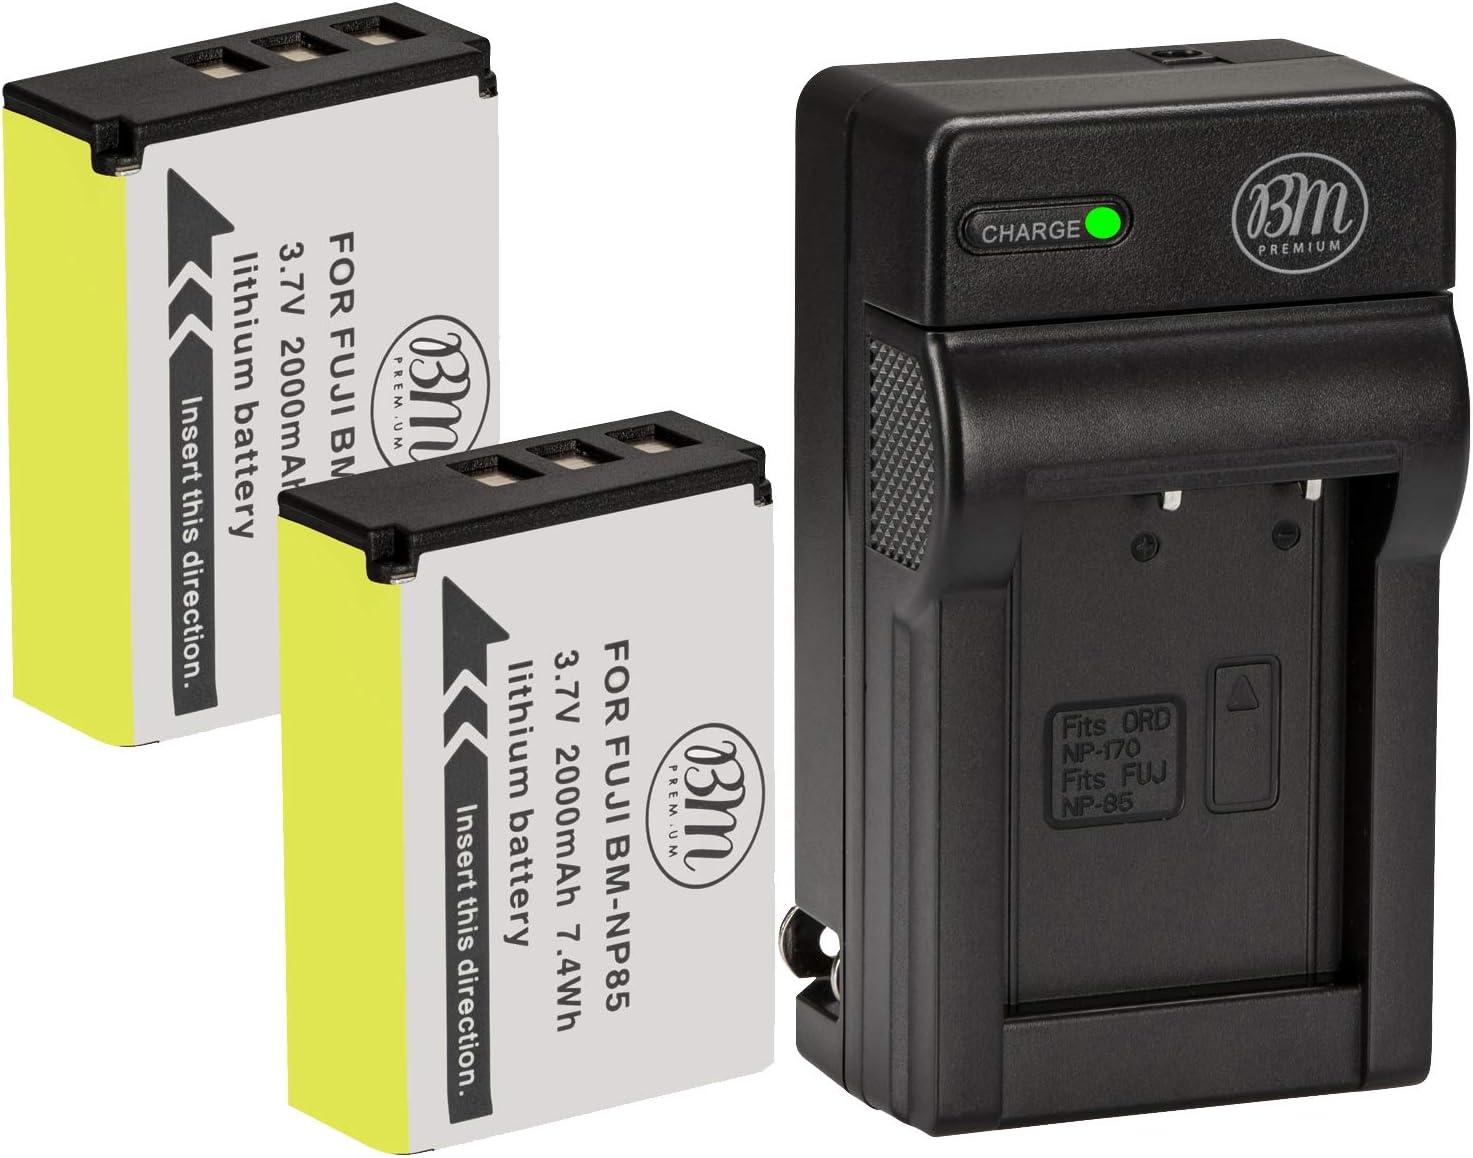 S5 Pro Genuine FujiFilm 128 MB CF Memory Card For FinePix S1 Pro S602 zoom